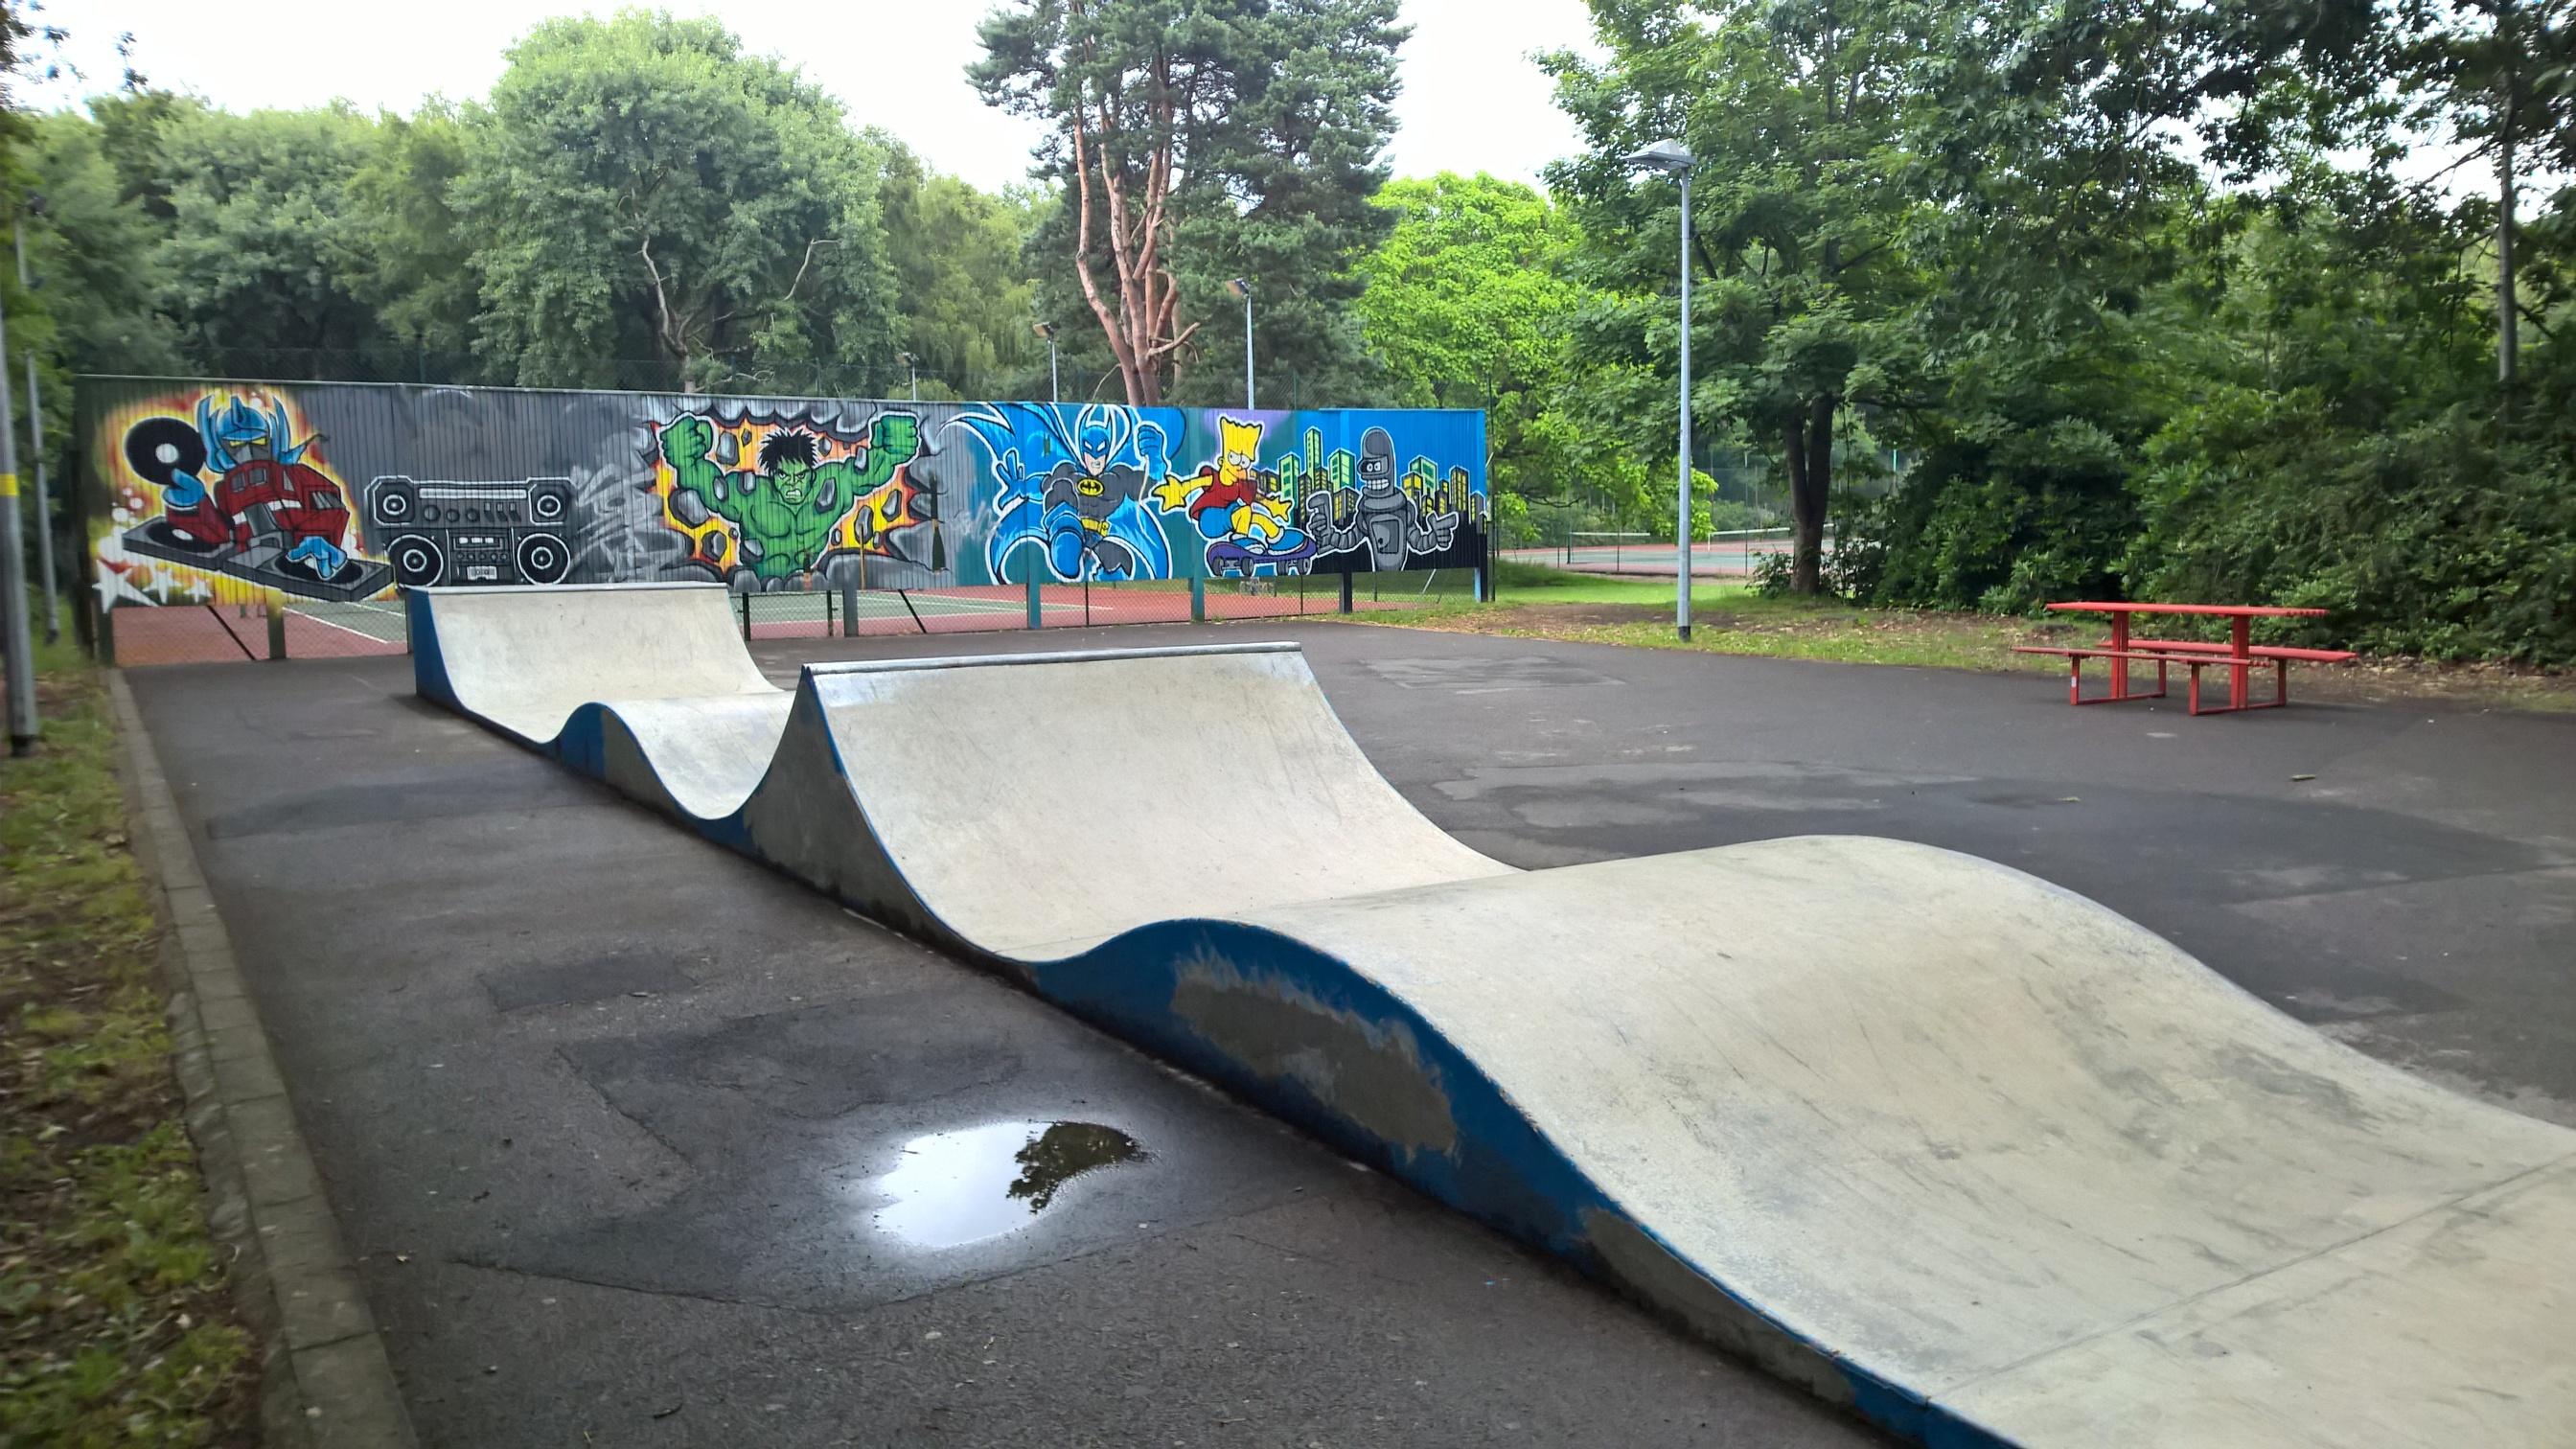 Portable Skate Park Equipment : Guide to ash vale skatepark